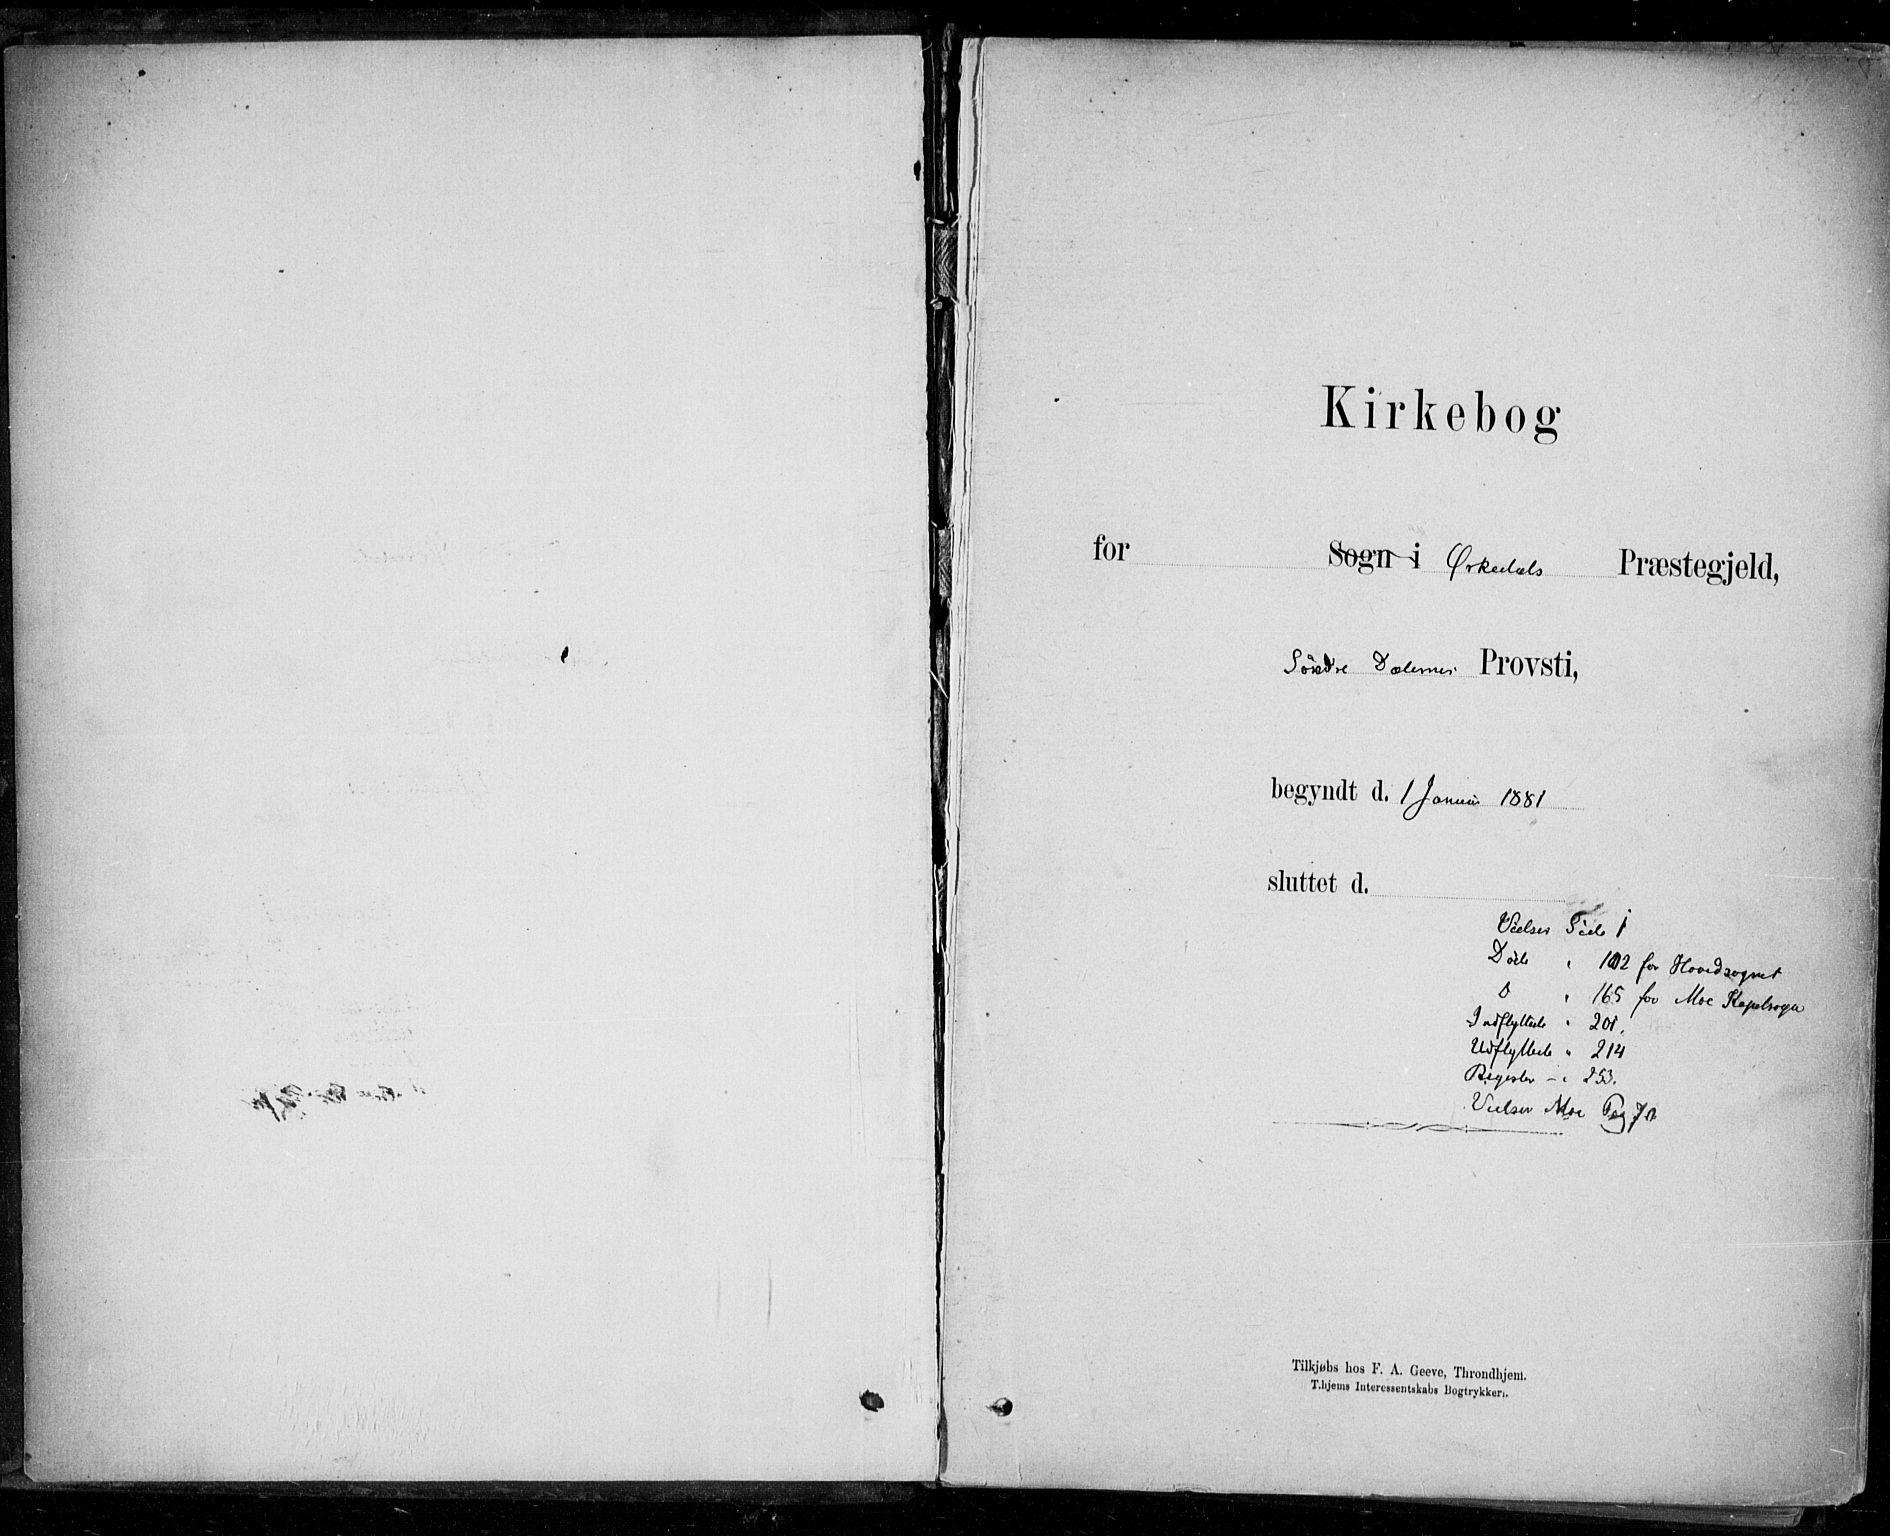 SAT, Ministerialprotokoller, klokkerbøker og fødselsregistre - Sør-Trøndelag, 668/L0810: Ministerialbok nr. 668A10, 1881-1894